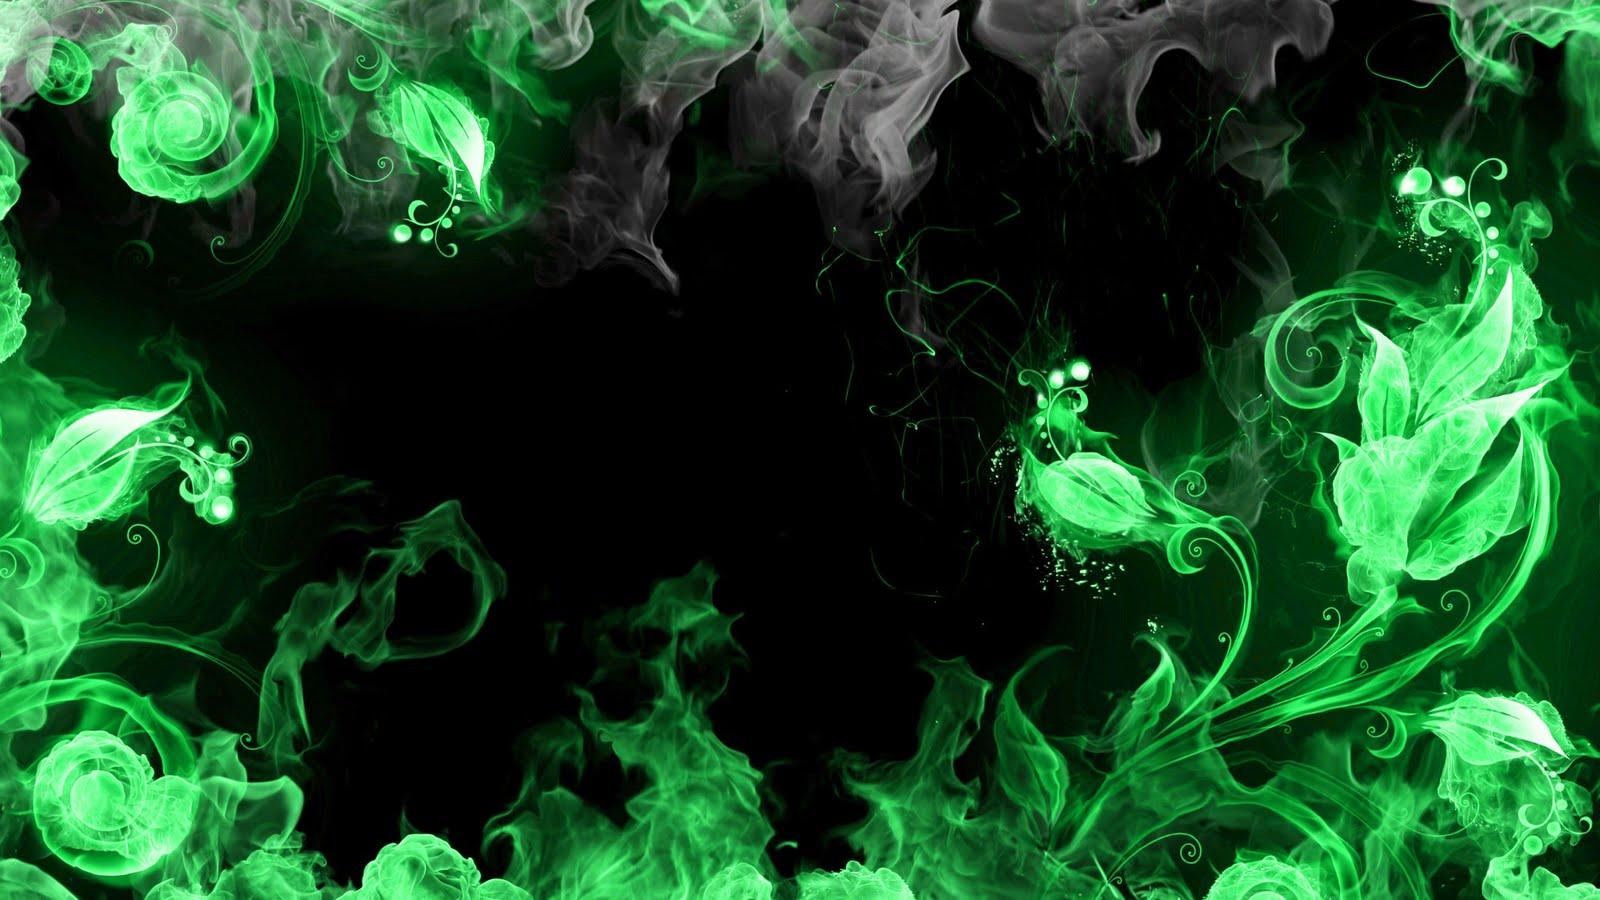 Download Artistic Skulls wallpaper green flaming skulls 1600x900